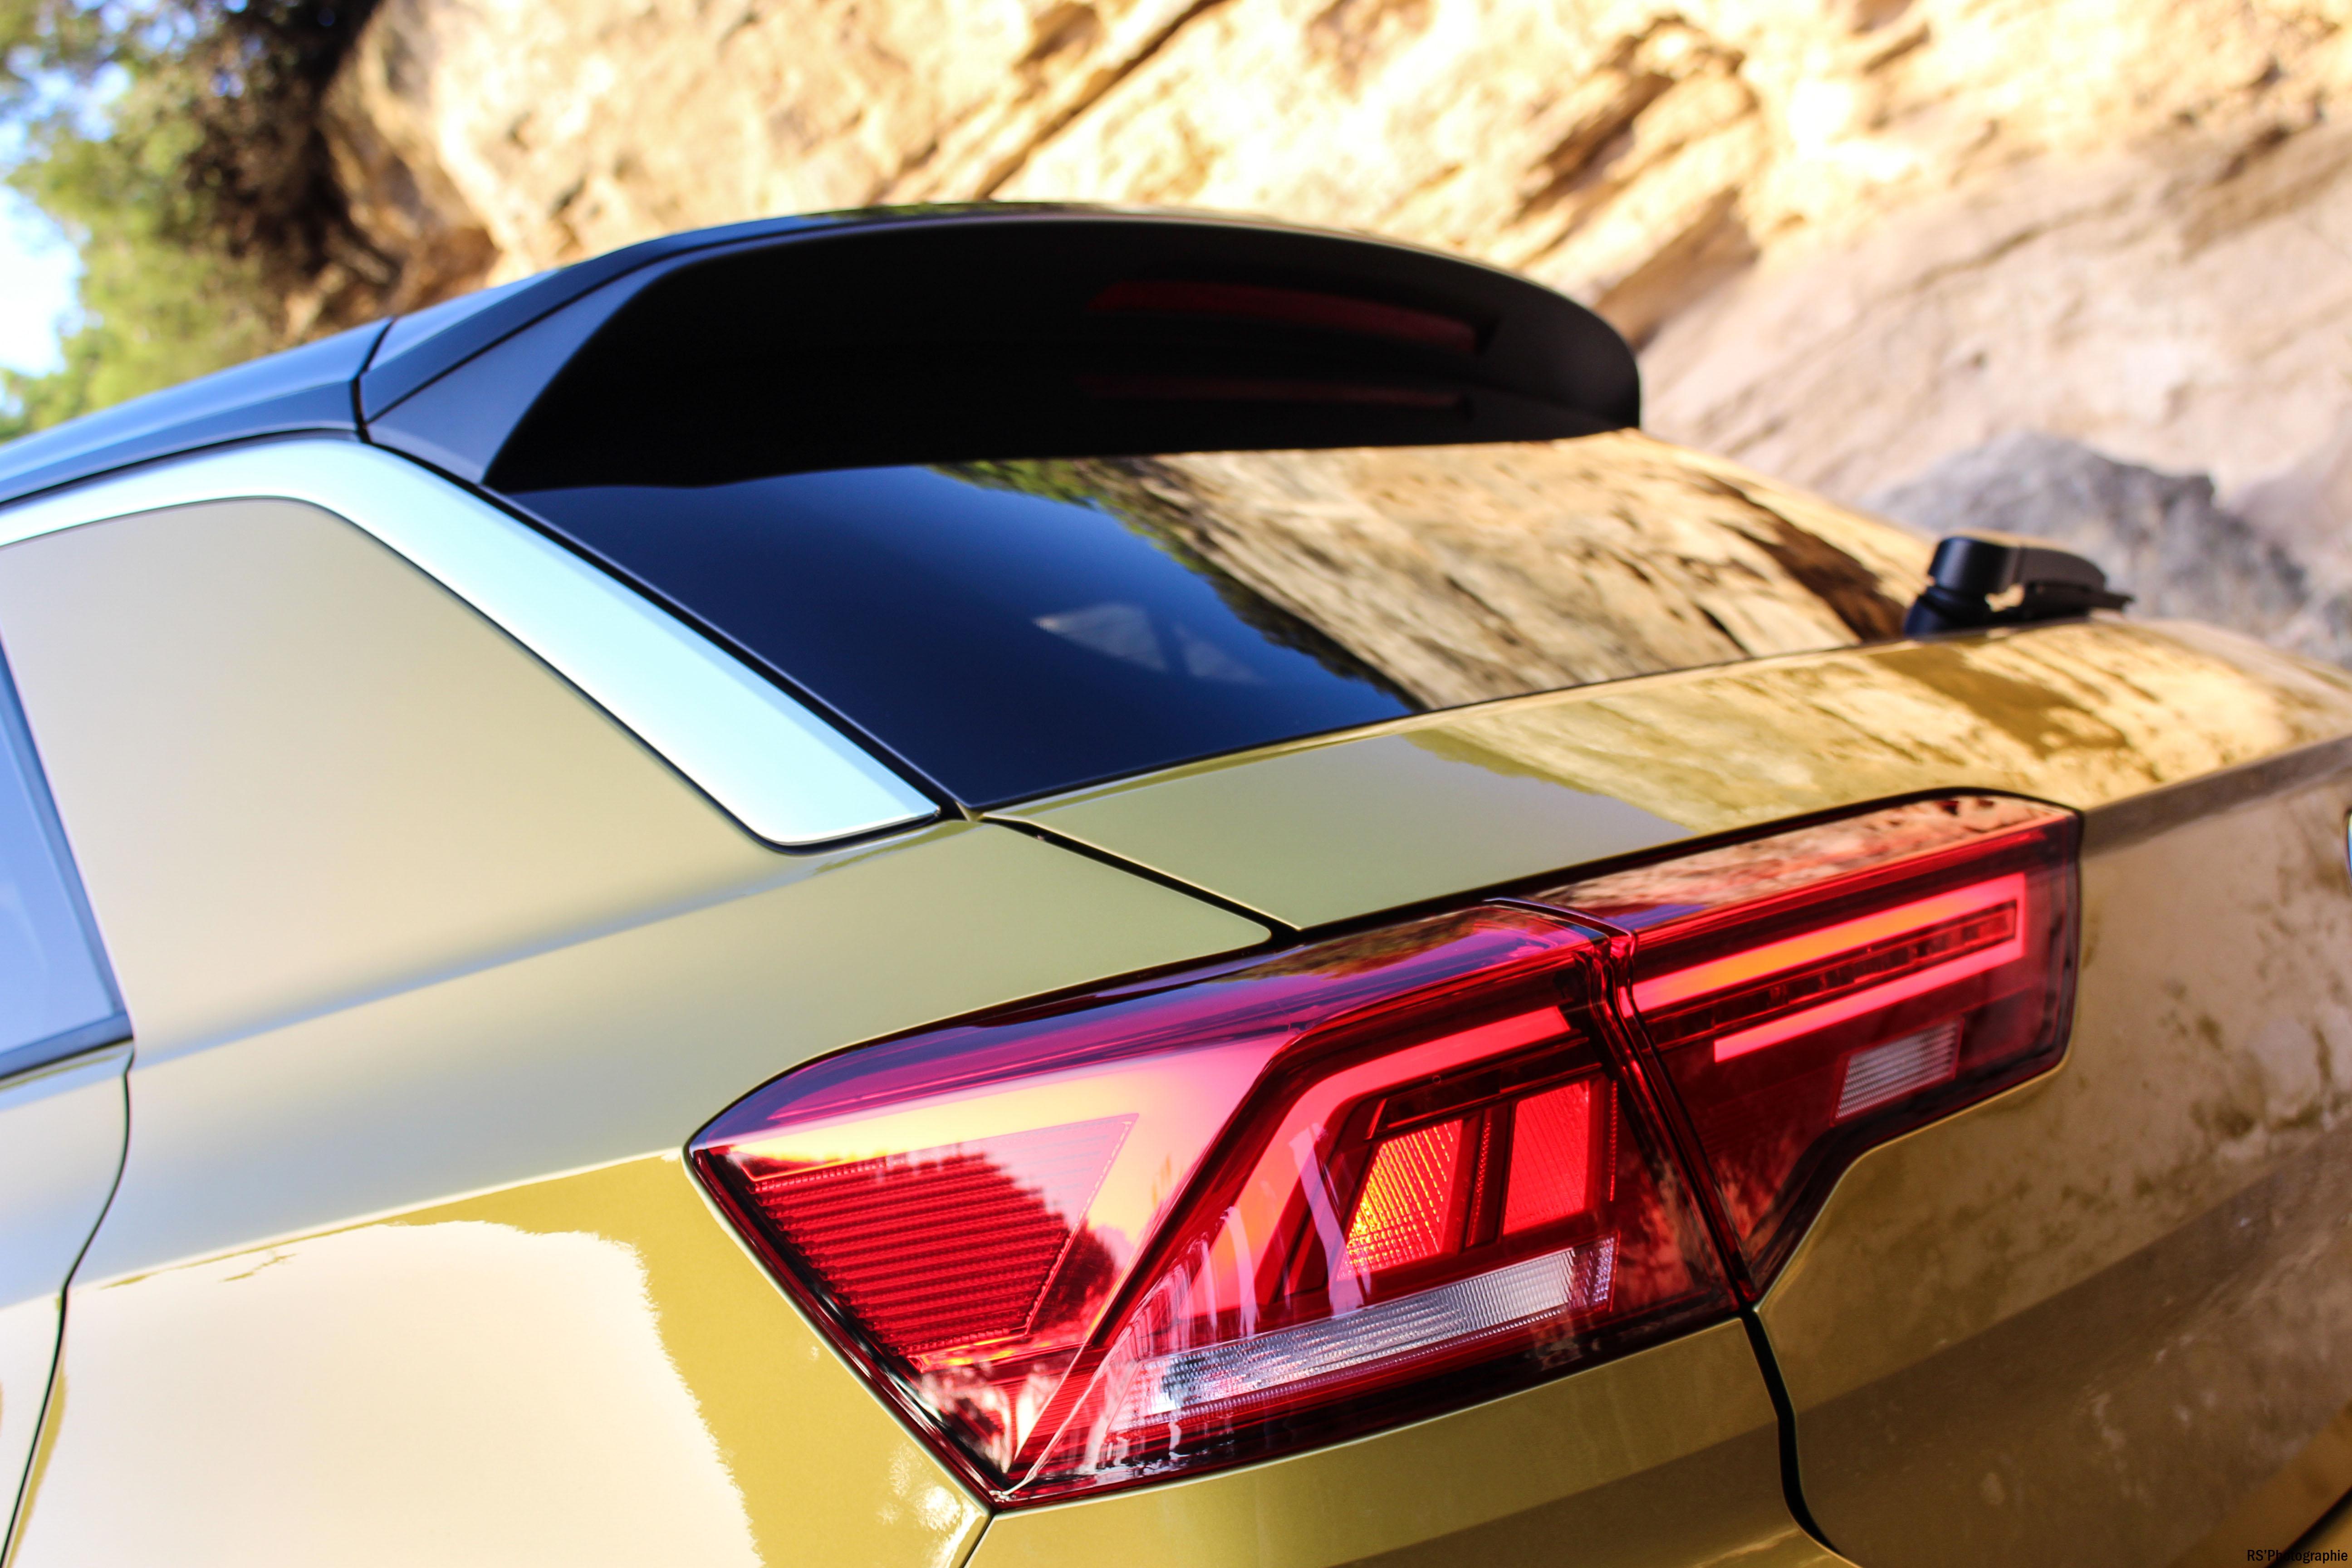 Volkswagentroc78-vw-t-roc-arrière-rear-Arnaud Demasier-RSPhotographie